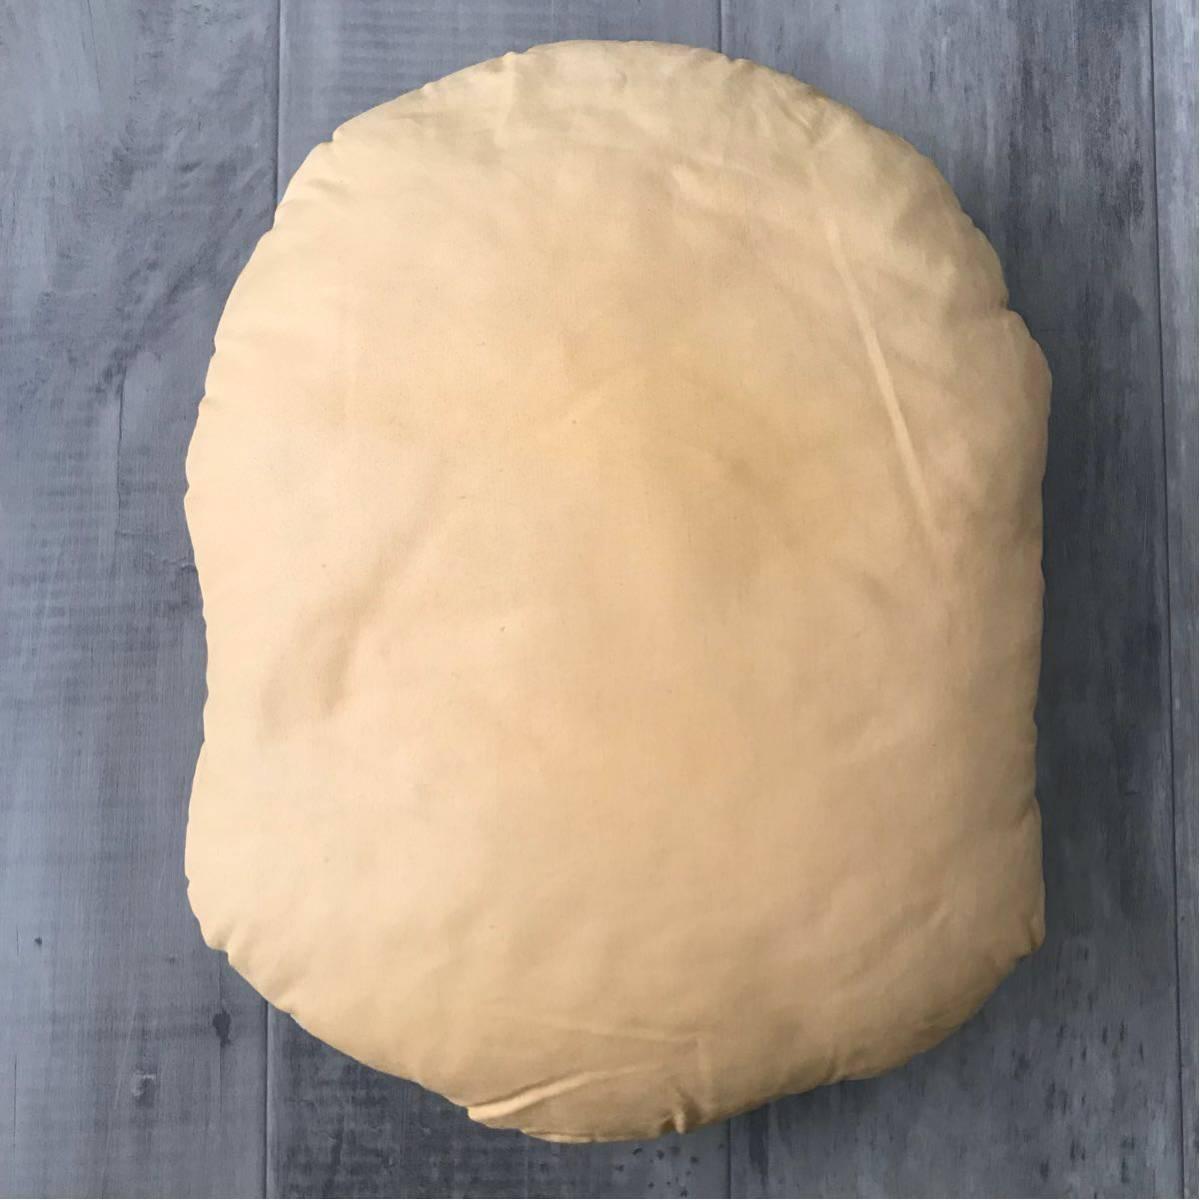 ★初期★ BAPE HEAD クッション beige a bathing ape cushion エイプ ベイプ アベイシングエイプ vintage ビンテージ グッズ nigo